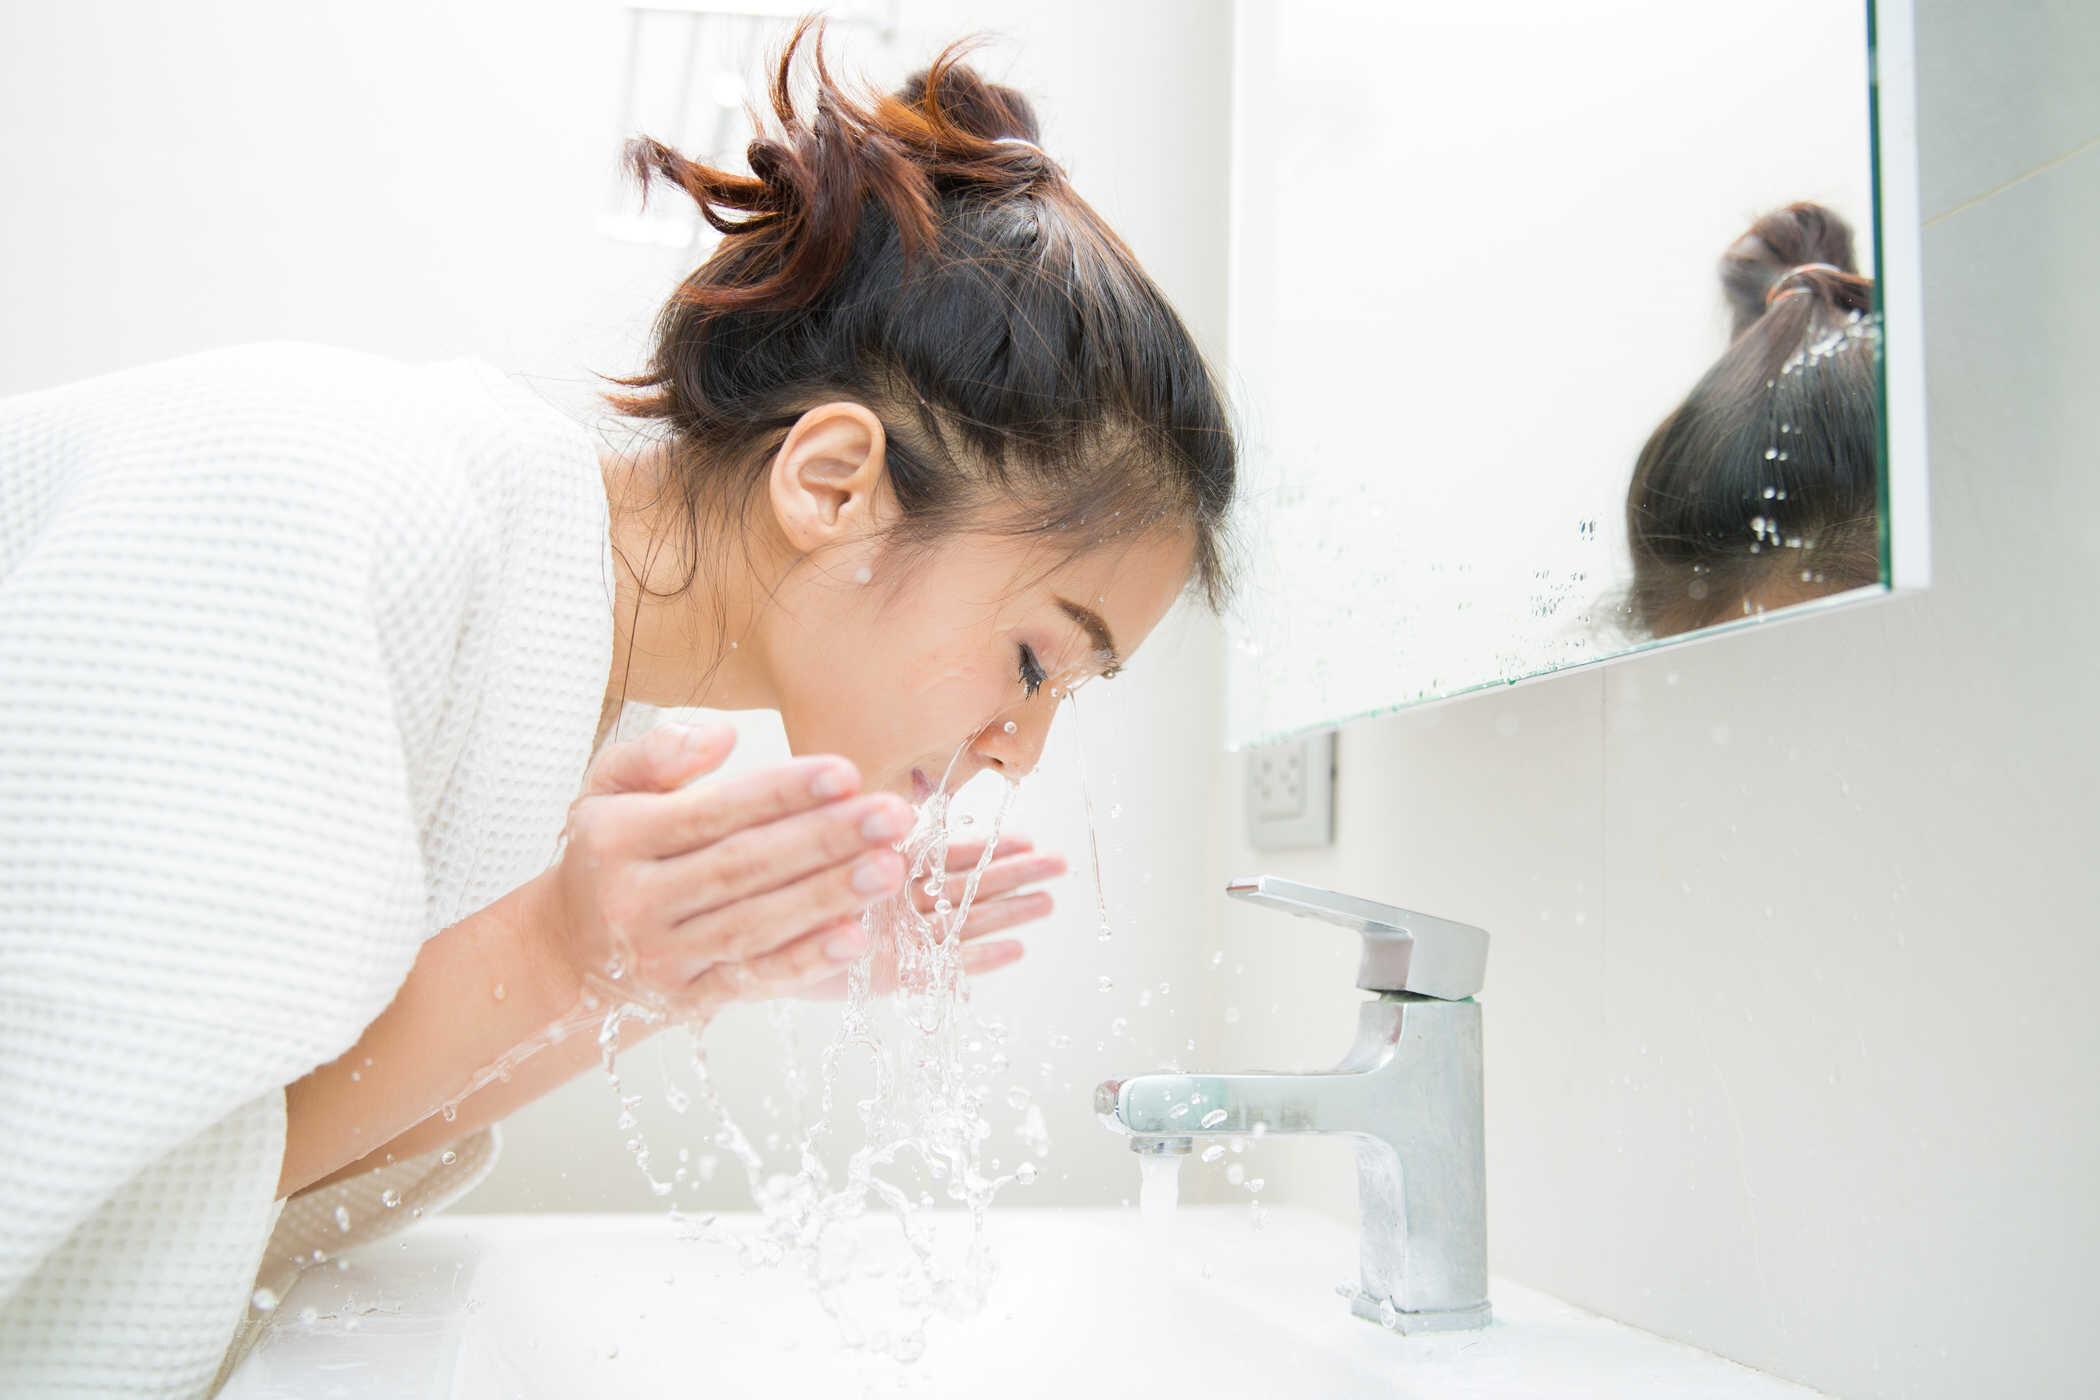 Xông hơi mặt kết hợp với sử dụng máy rửa mặt sẽ cho bạn làn da đẹp như ý